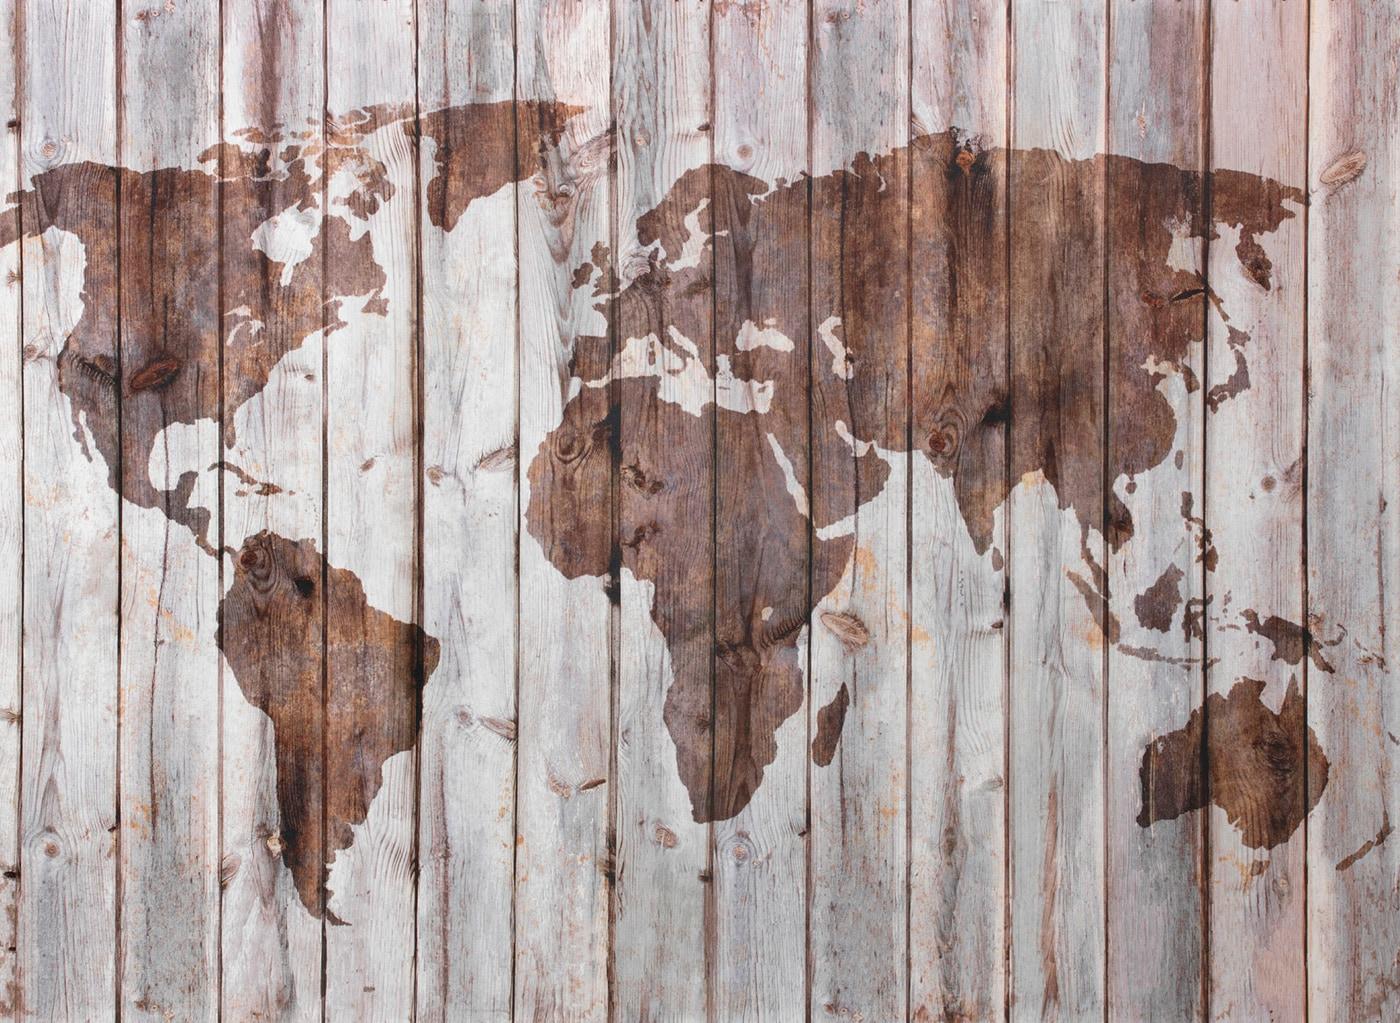 木材の壁に映った世界地図のシルエット。イケアが、木材から多くの製品をつくっているグローバルブランドであることを象徴しています。